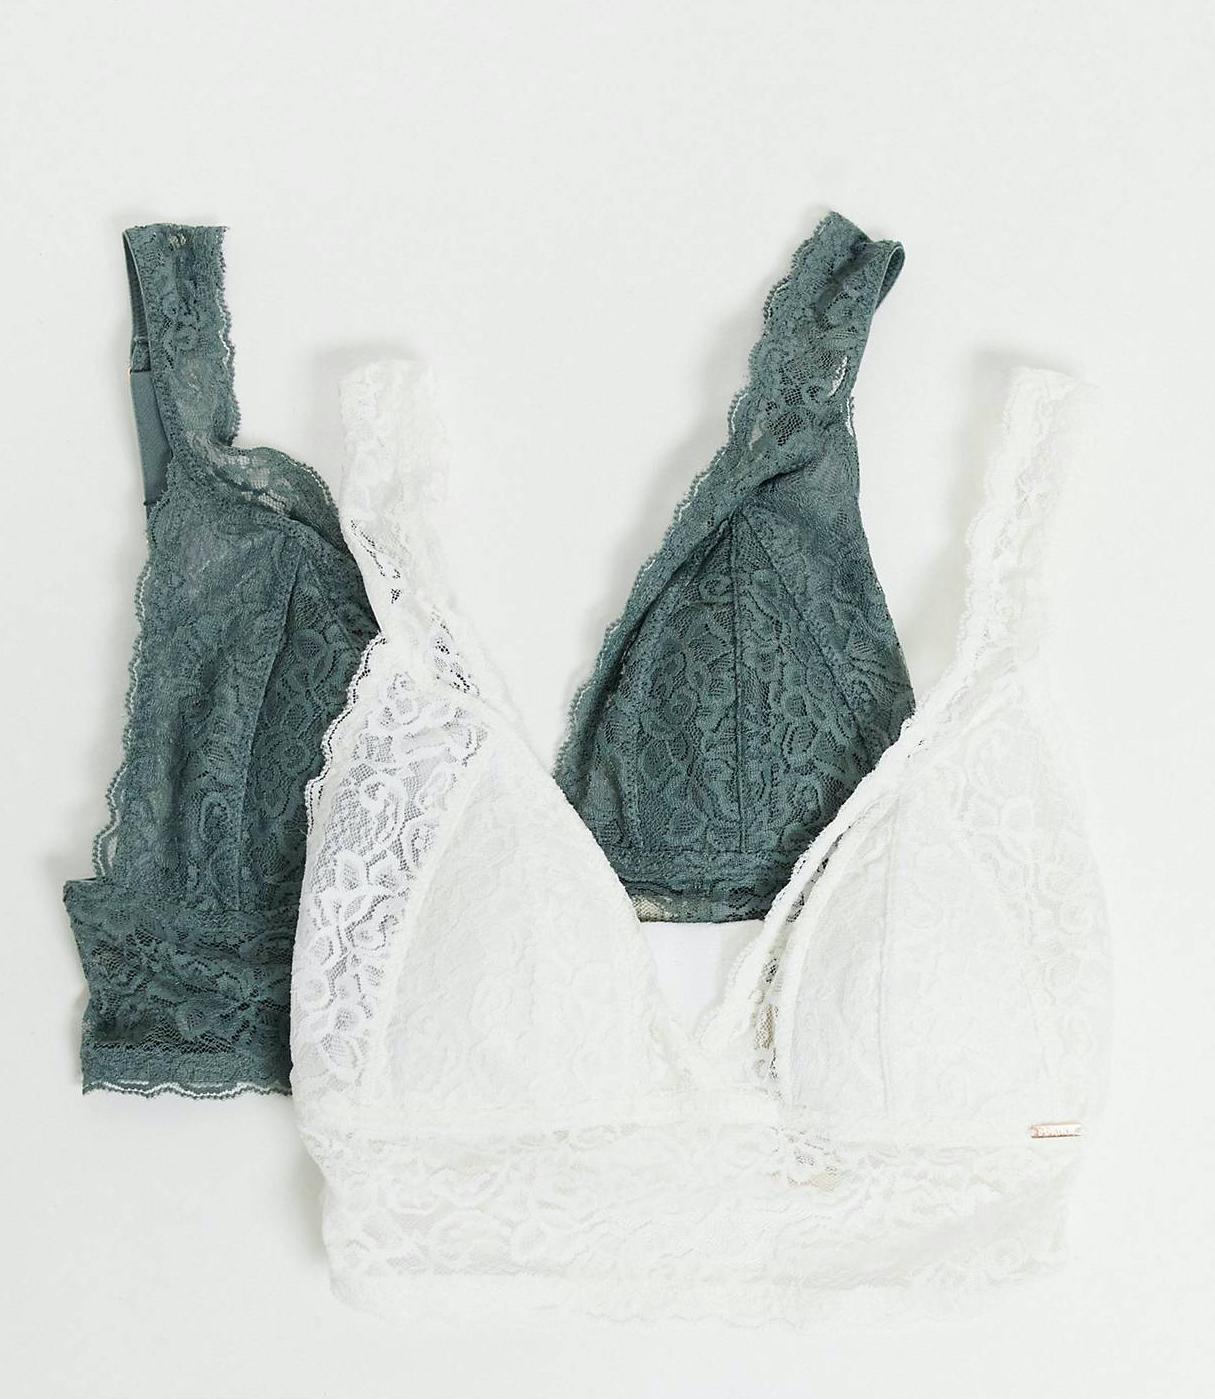 Pack de 2 bralettes de color marfil y salvia oscuro de corte largo con relleno ligero de encaje Lana de Dorina